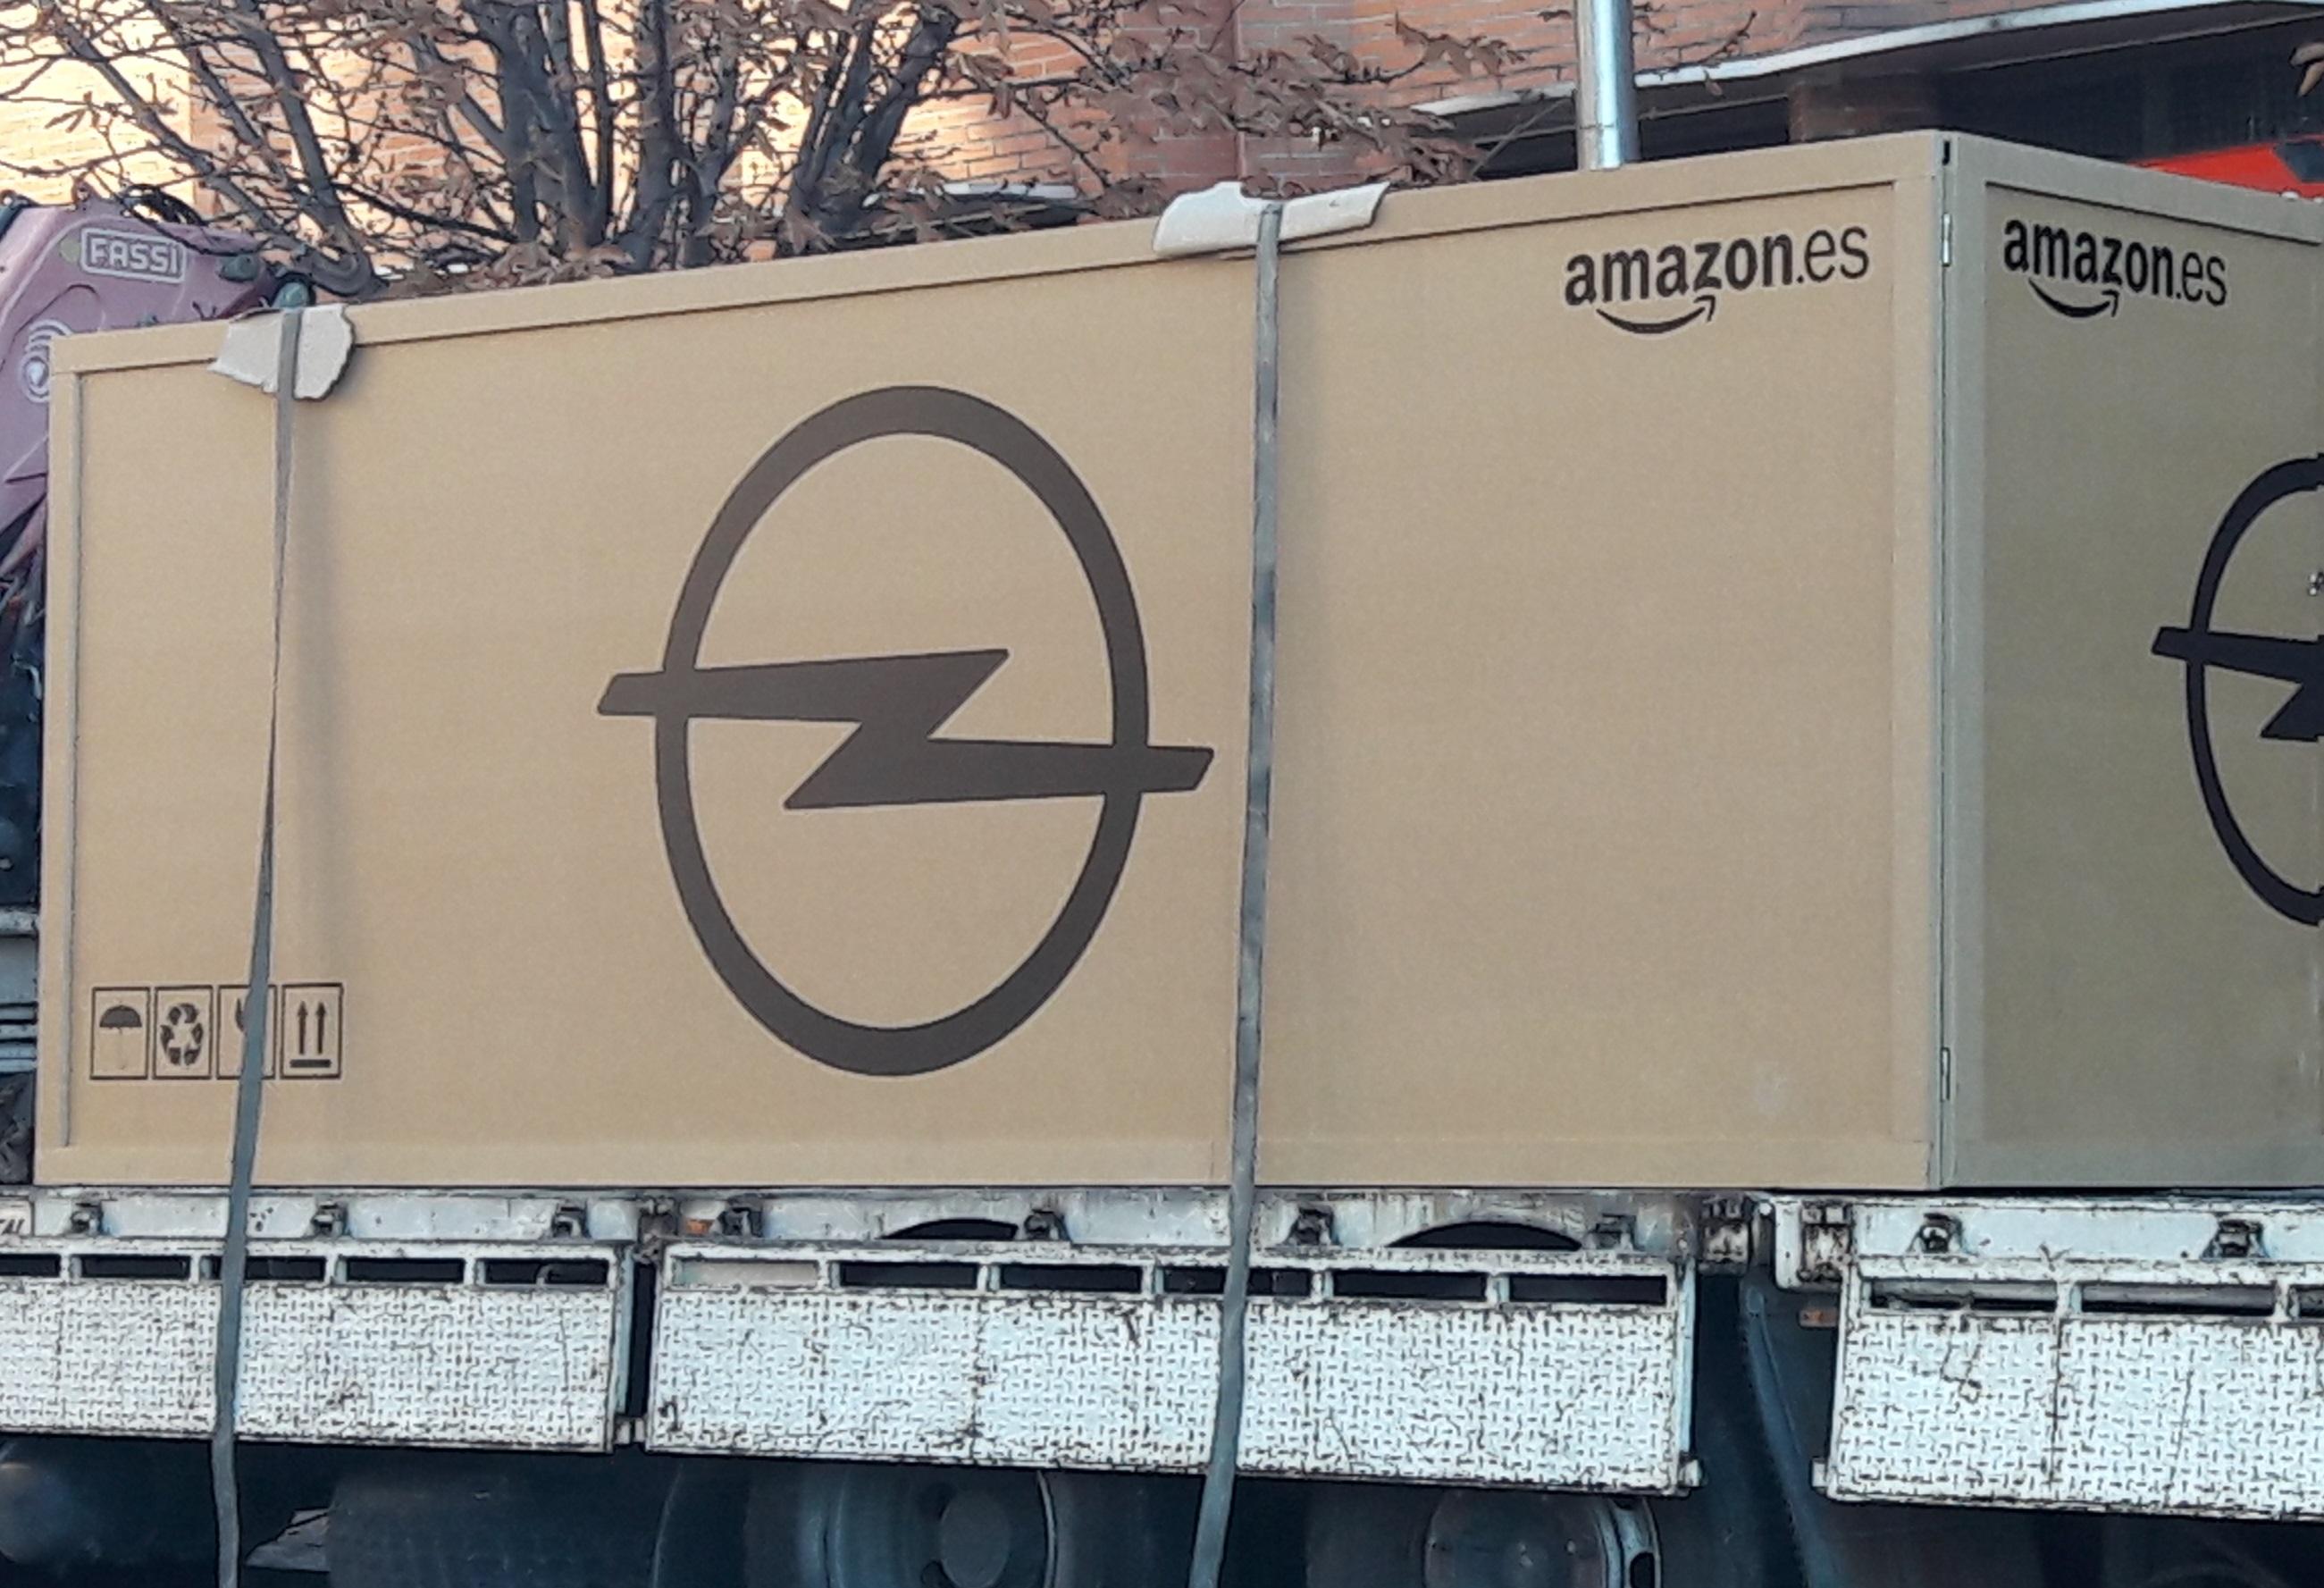 Entrega del coche a través de Amazon